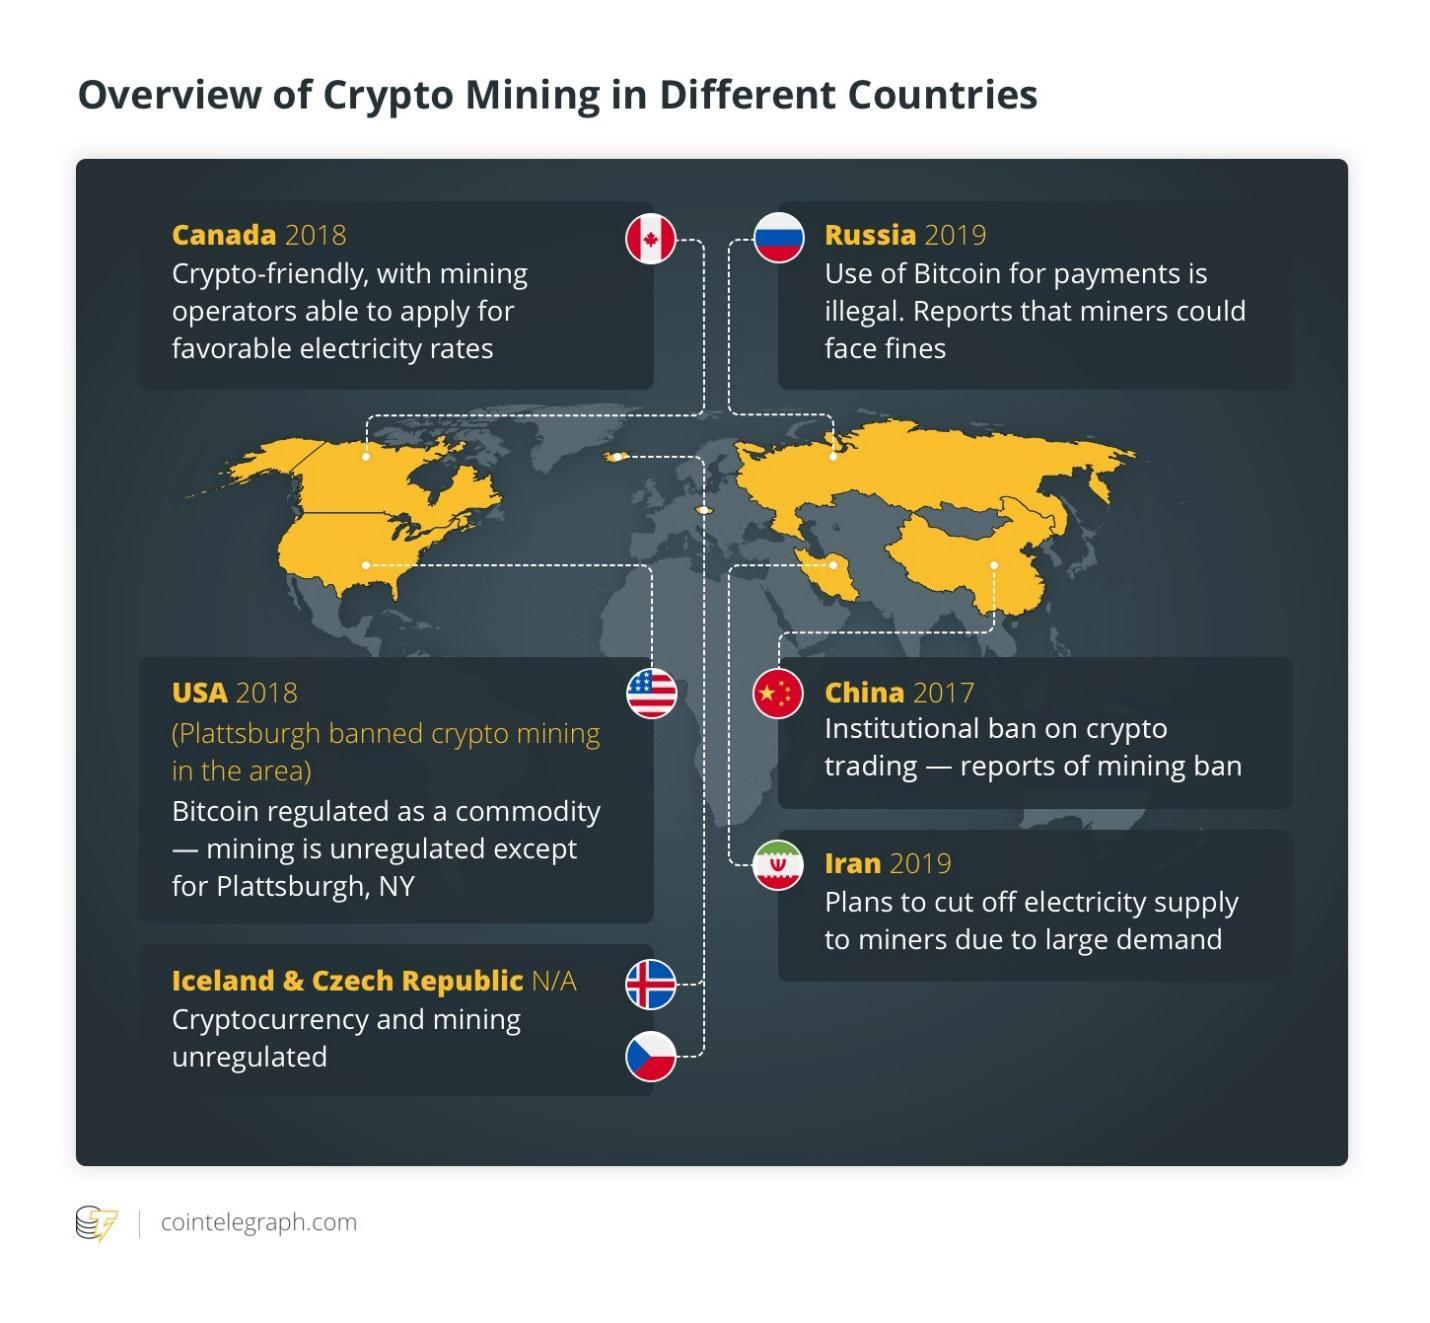 قوانین استخراج رمزارز در کشورهای مختلف